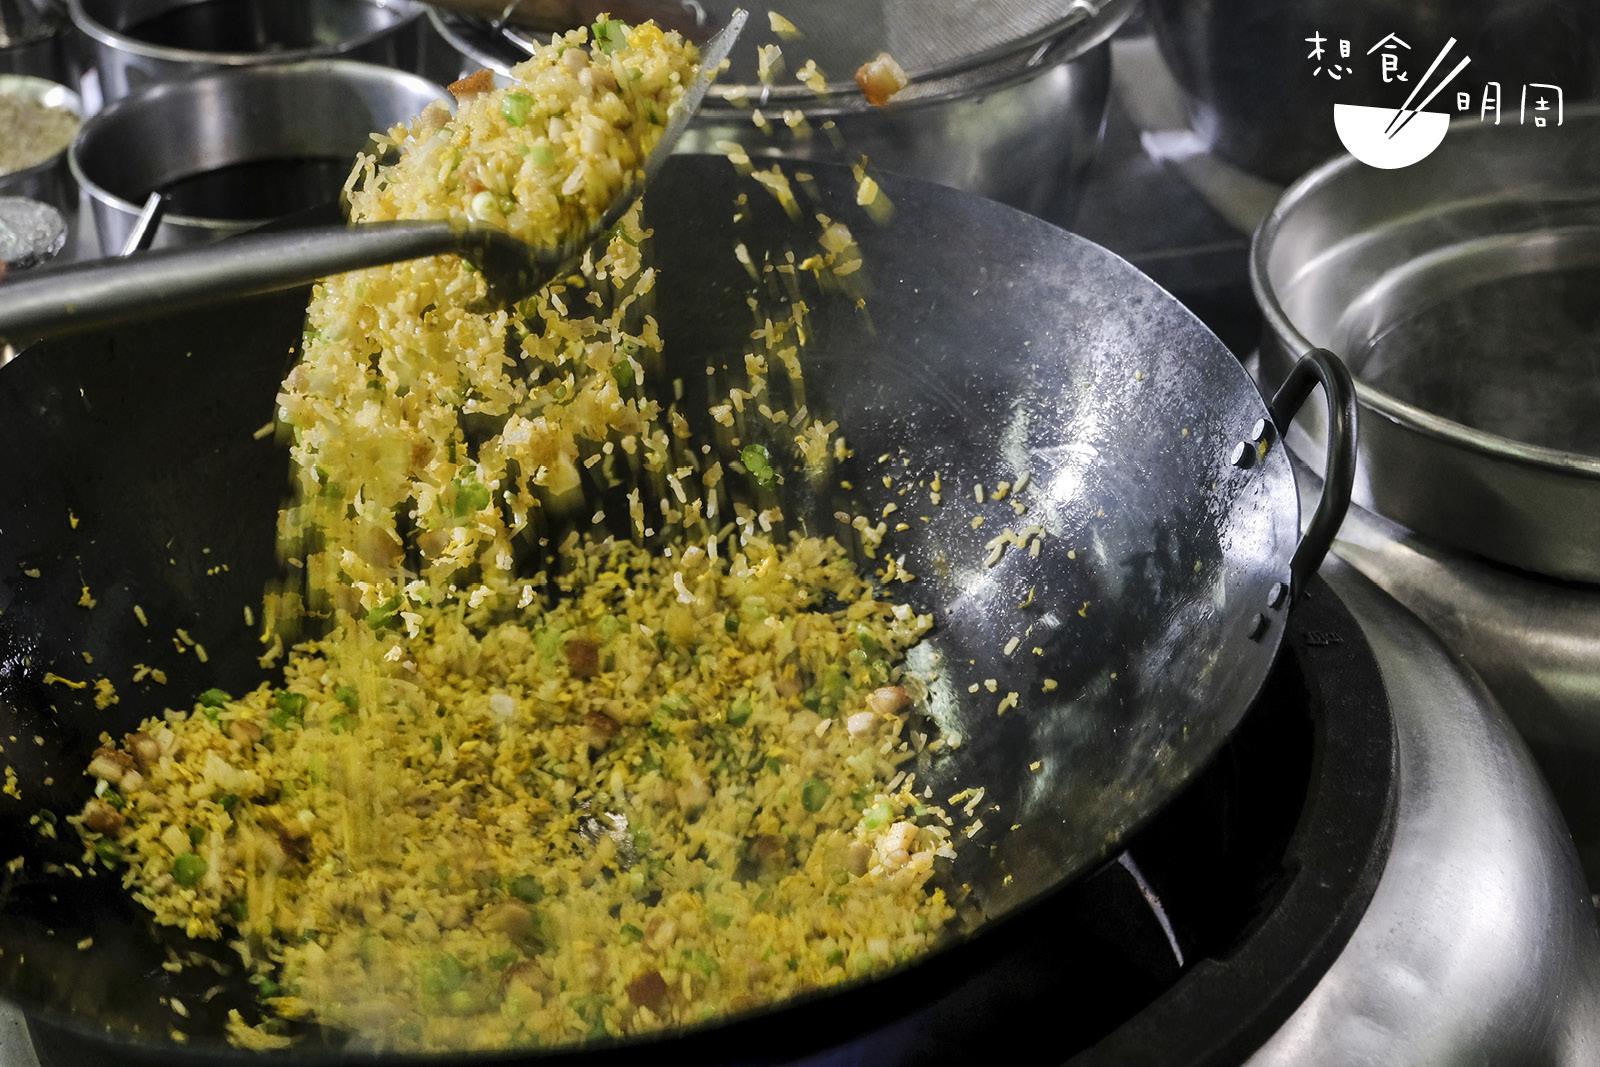 炒飯最重要的是熱鑊和熱油,只要夠熱,米粒才會「跳舞」!